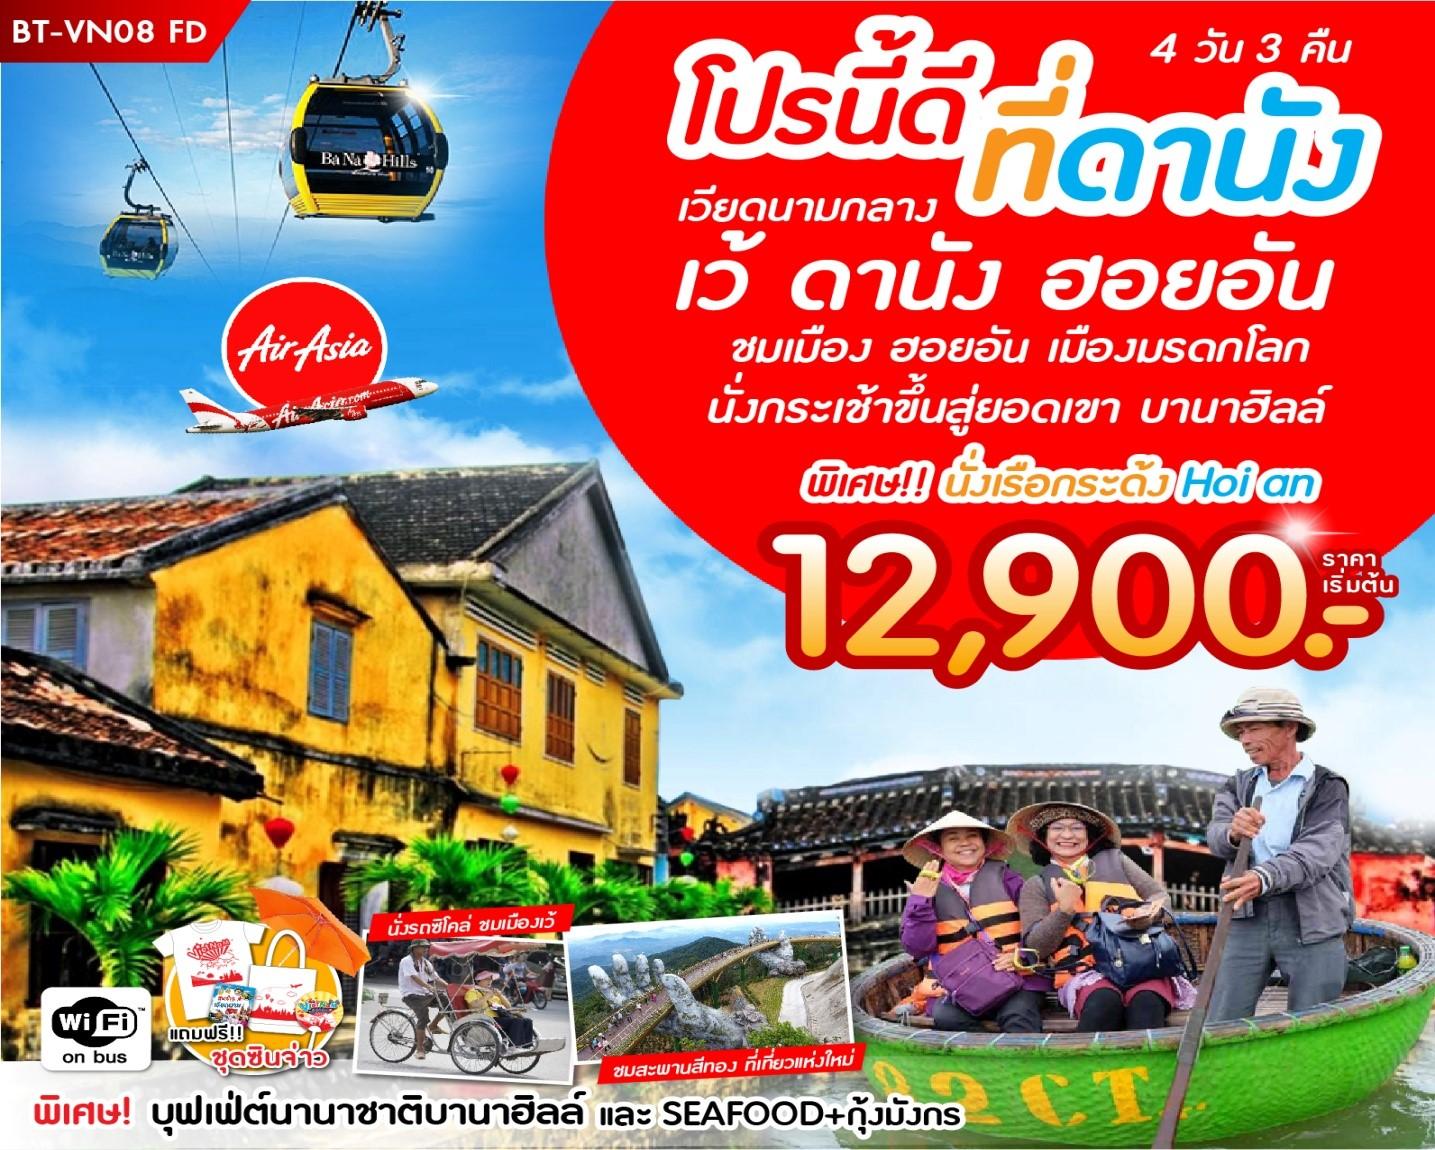 ทัวร์เวียดนามกลาง-ปีใหม่-โปรนี้ดี-ที่ดานัง-4-วัน-3-คืน-(OCT18-MAR19)-VN08-